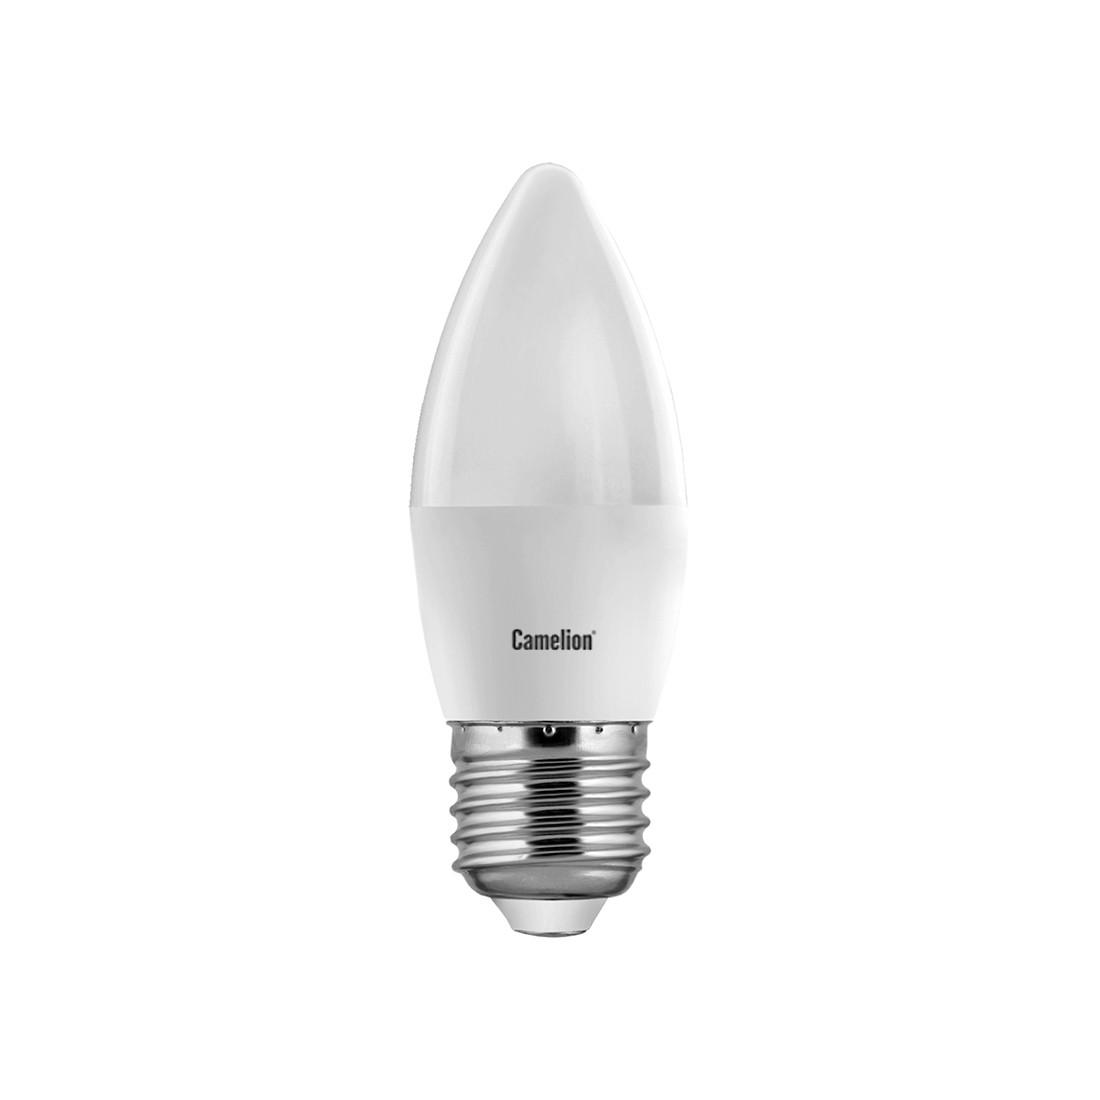 Эл. лампа светодиодная Camelion LED7-C35/865/E27 Дневной